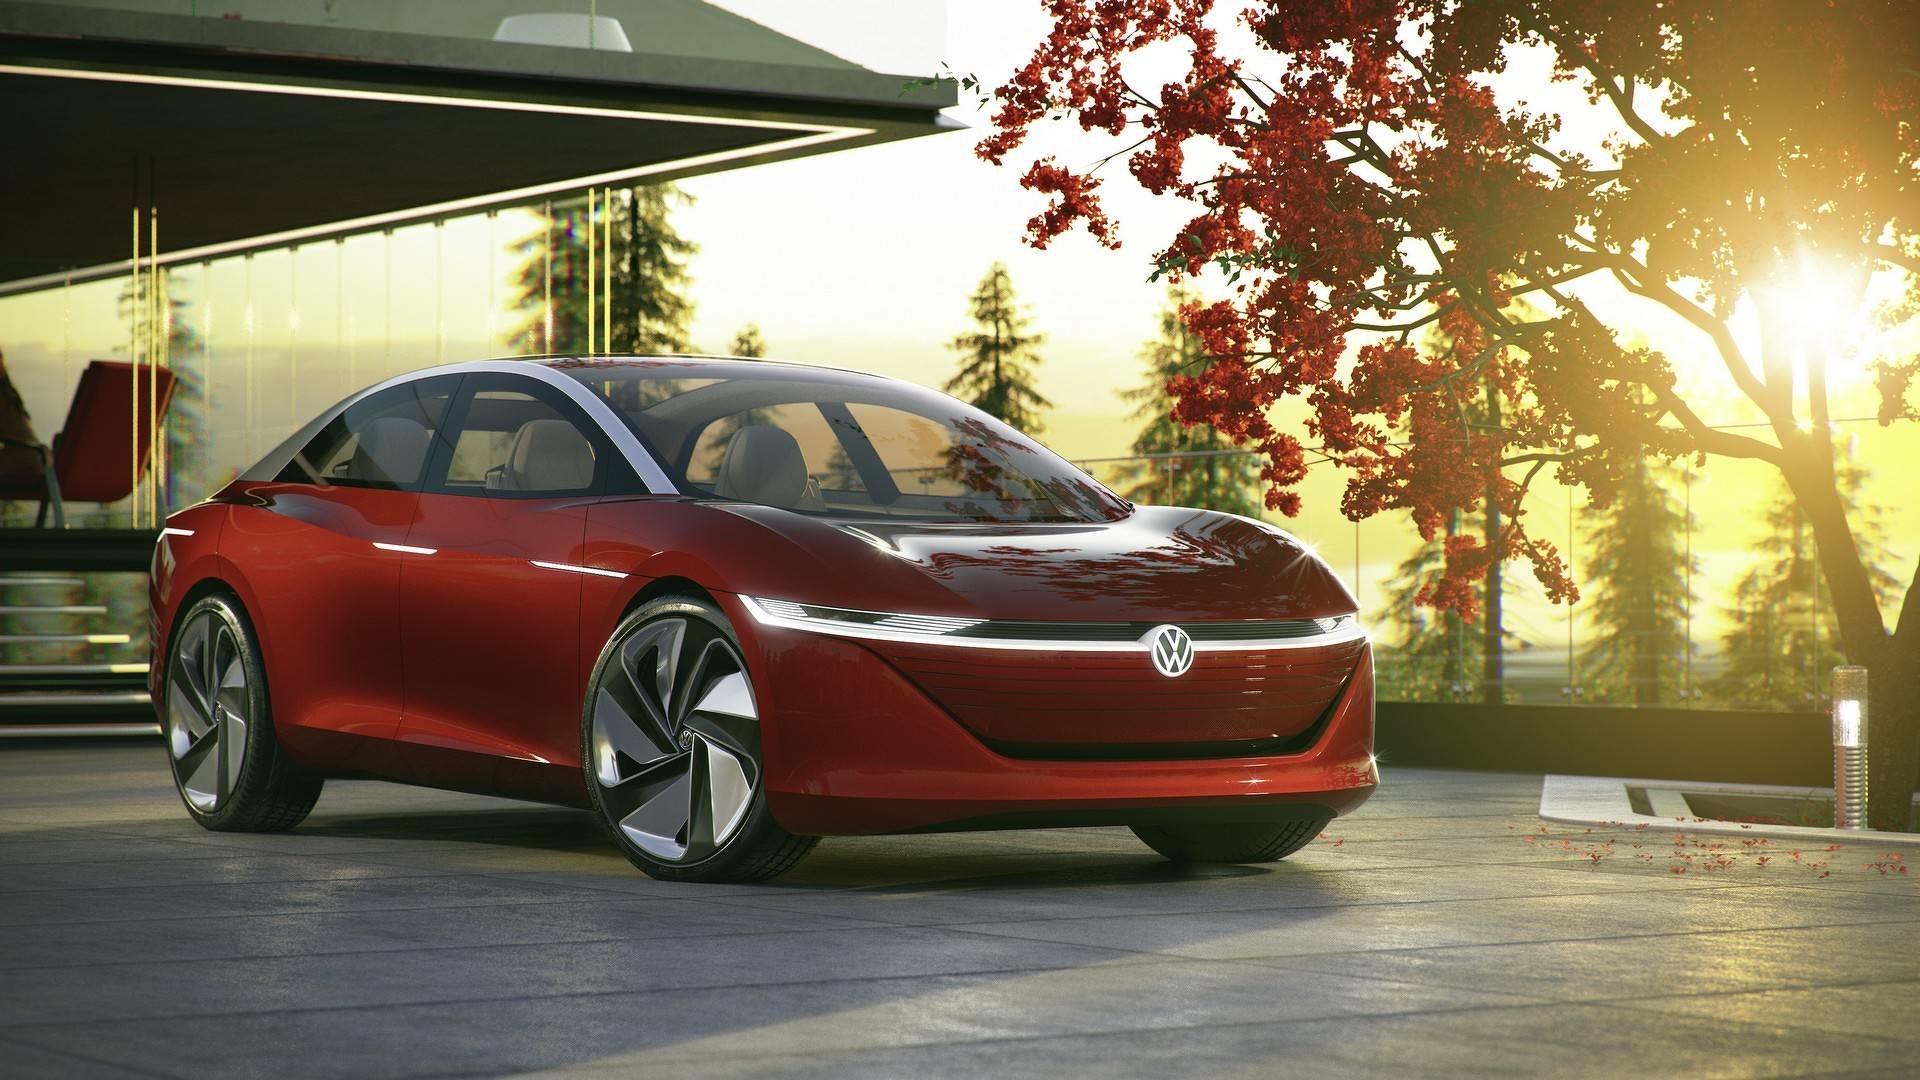 VW продемонстрировал электрический автономный седан I. D. Vizzion